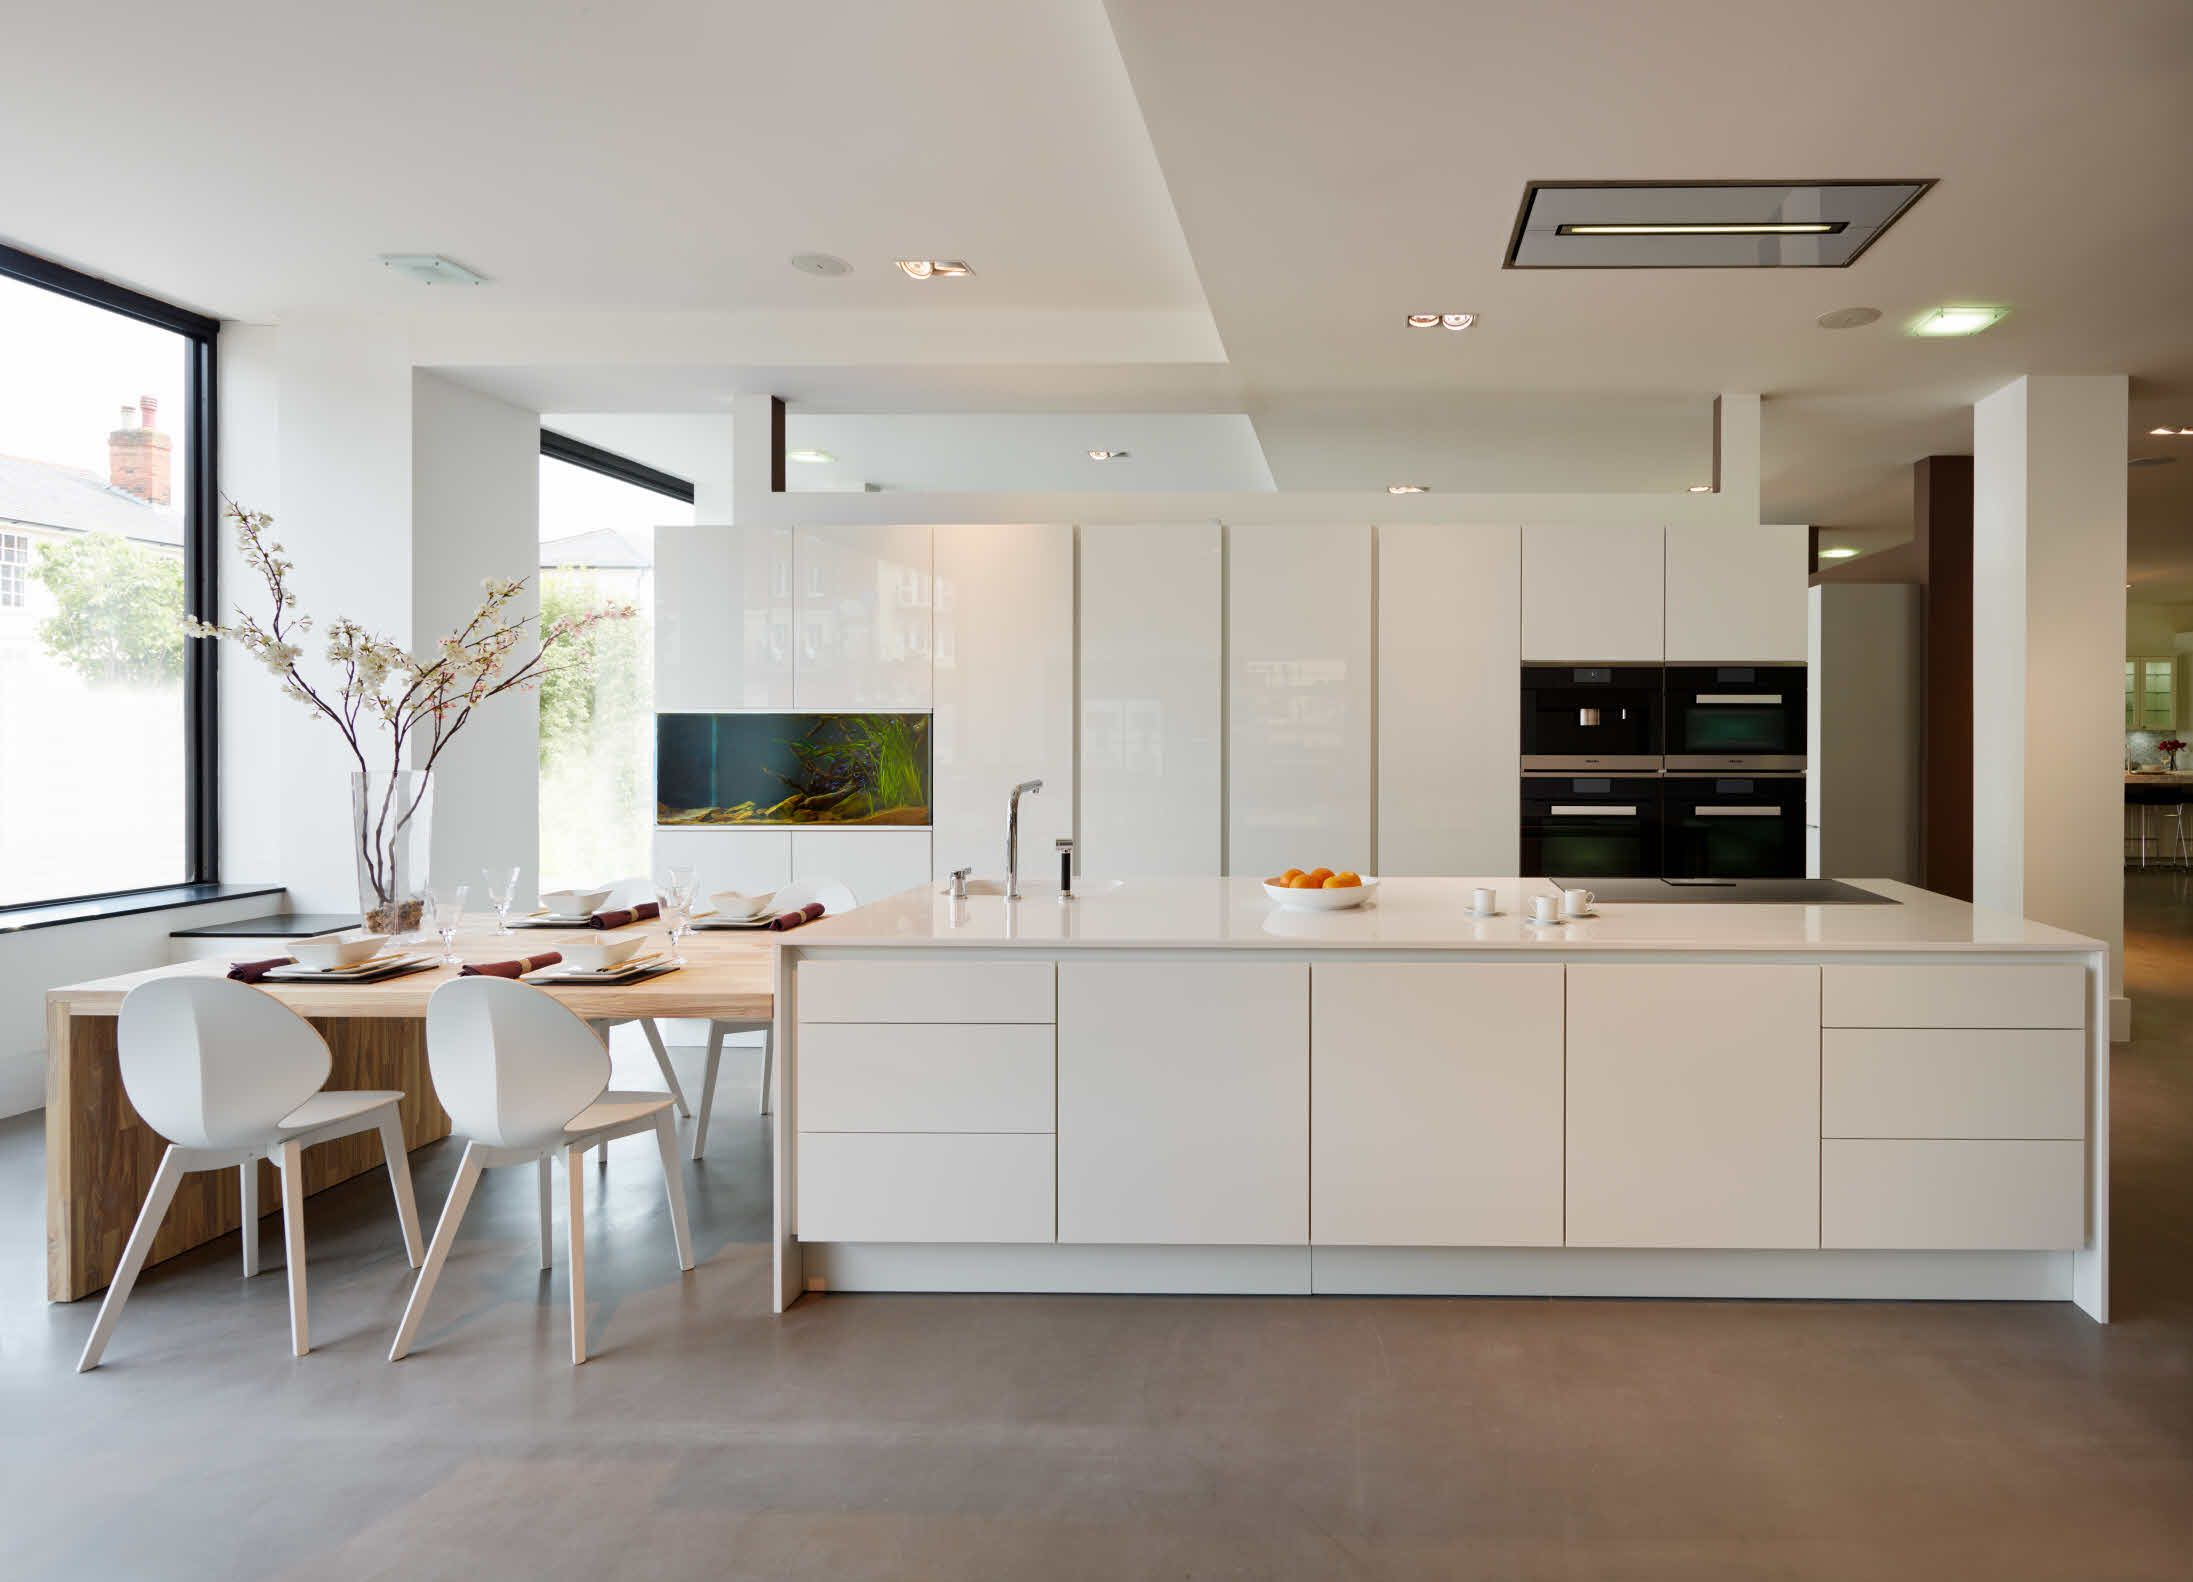 Kochinsel Mit Aquarium ~ gorgeous +segmento polar white kitchen with an integrated aquarium  kitchen  pinterest